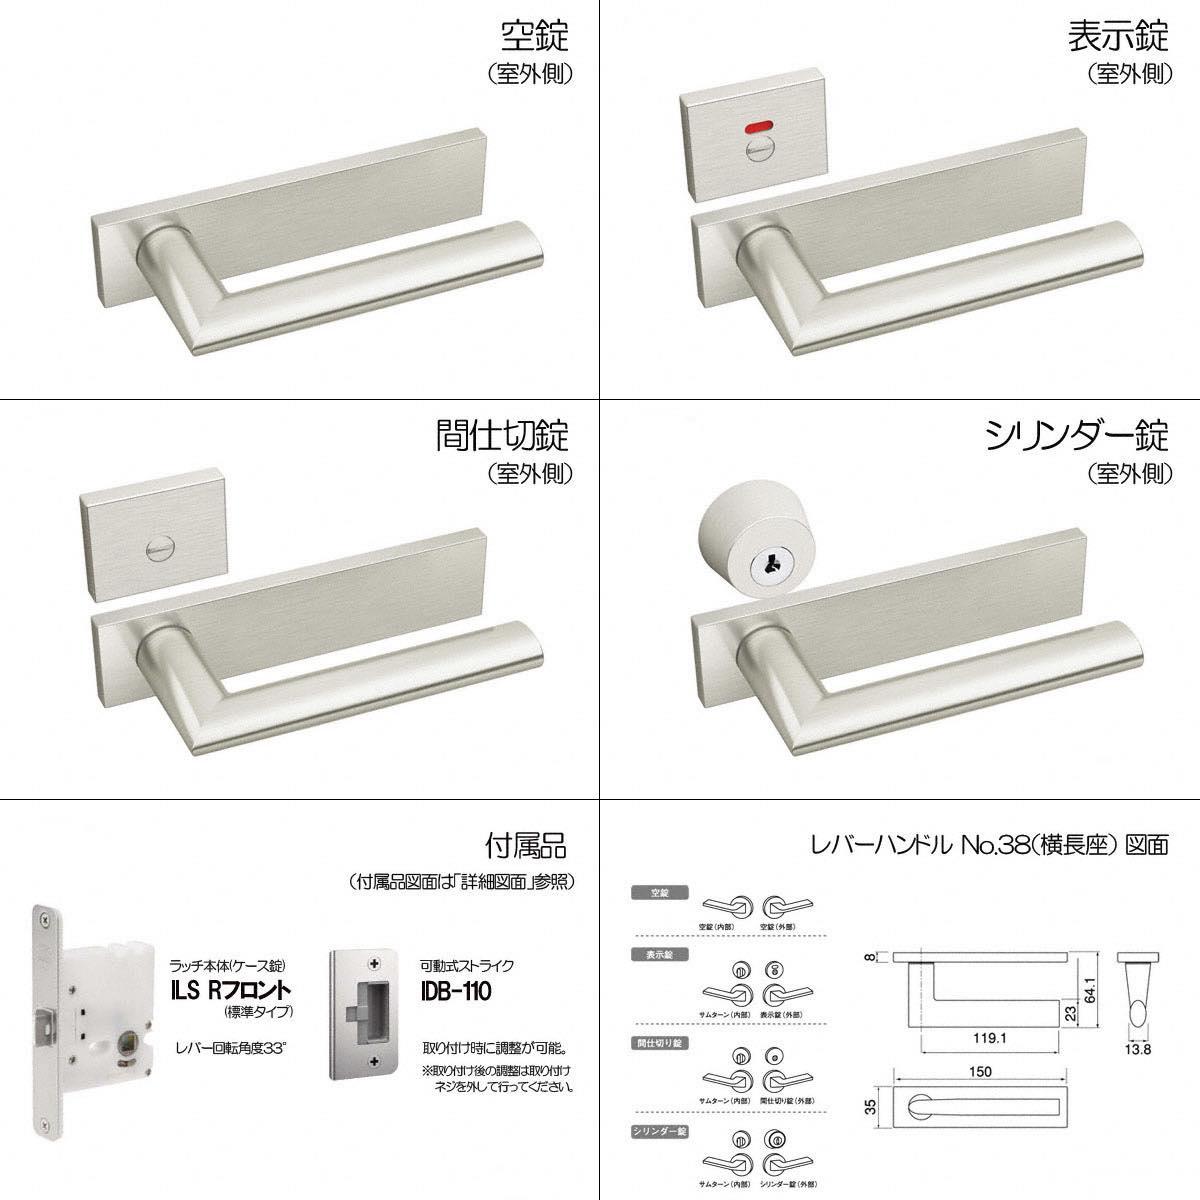 1pcs silver 30mm*25mm aluminum knob  HL-114